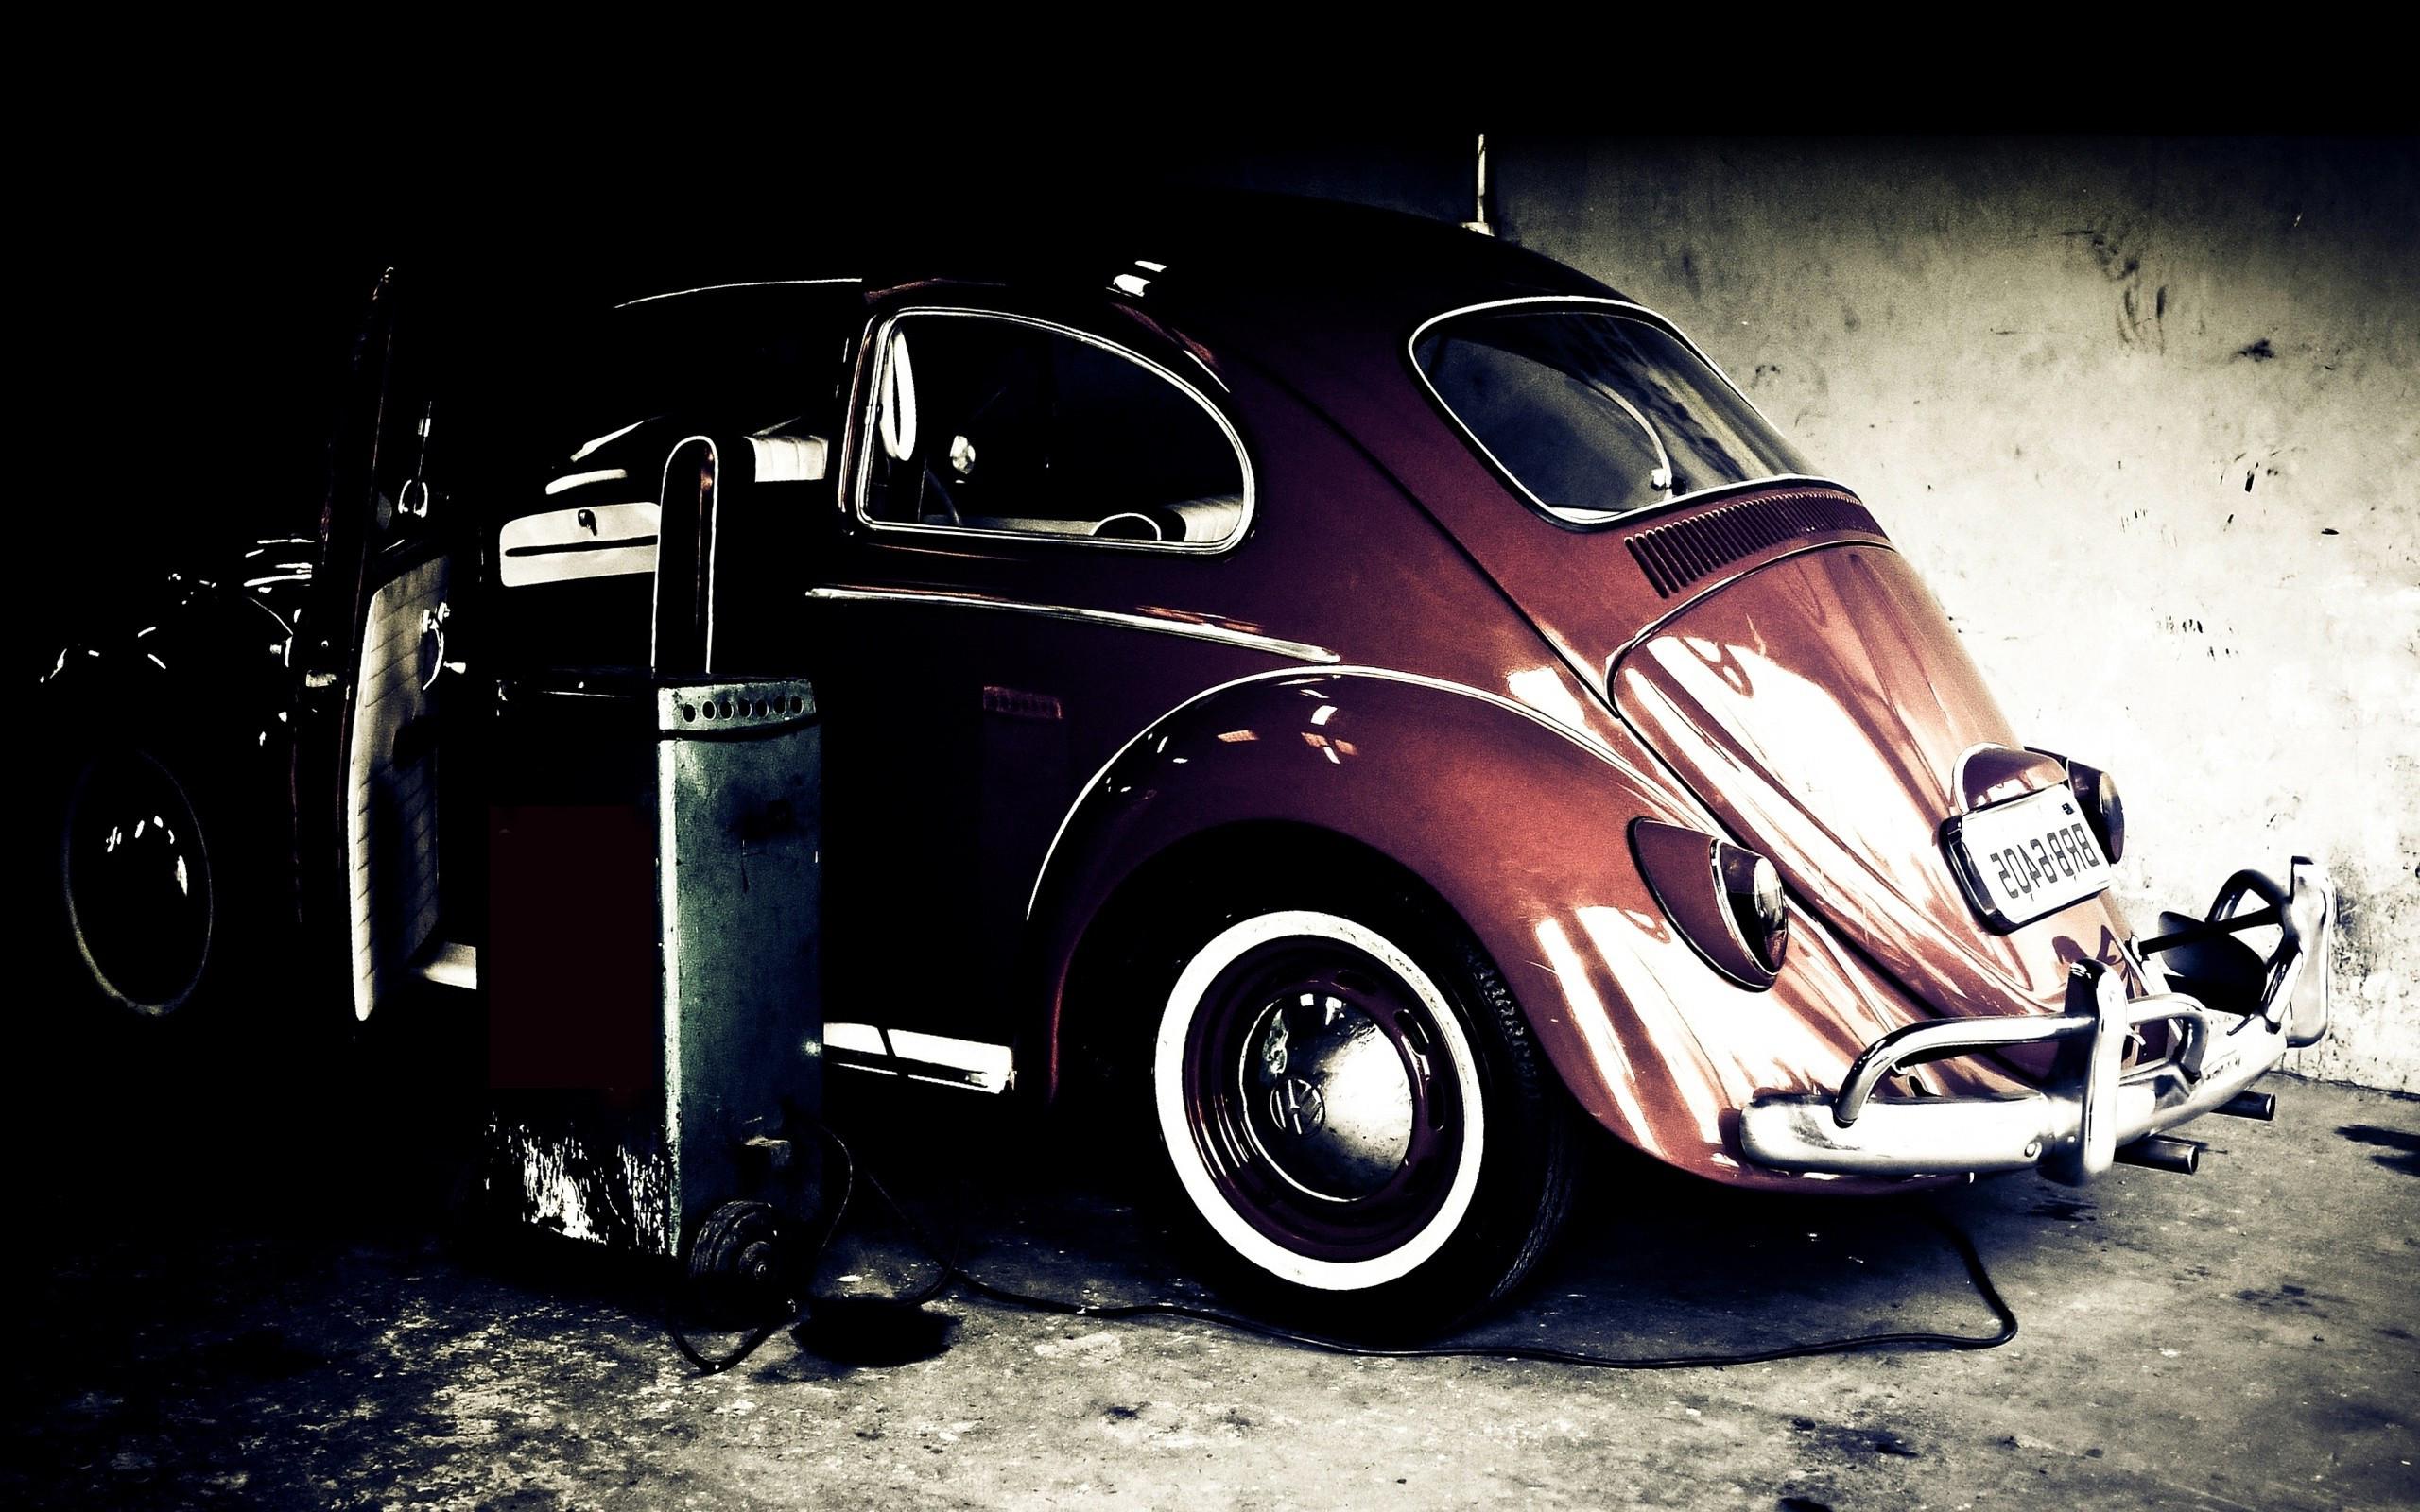 volkswagen-beetle-hd-wallpapers-for-desktop-background-download-